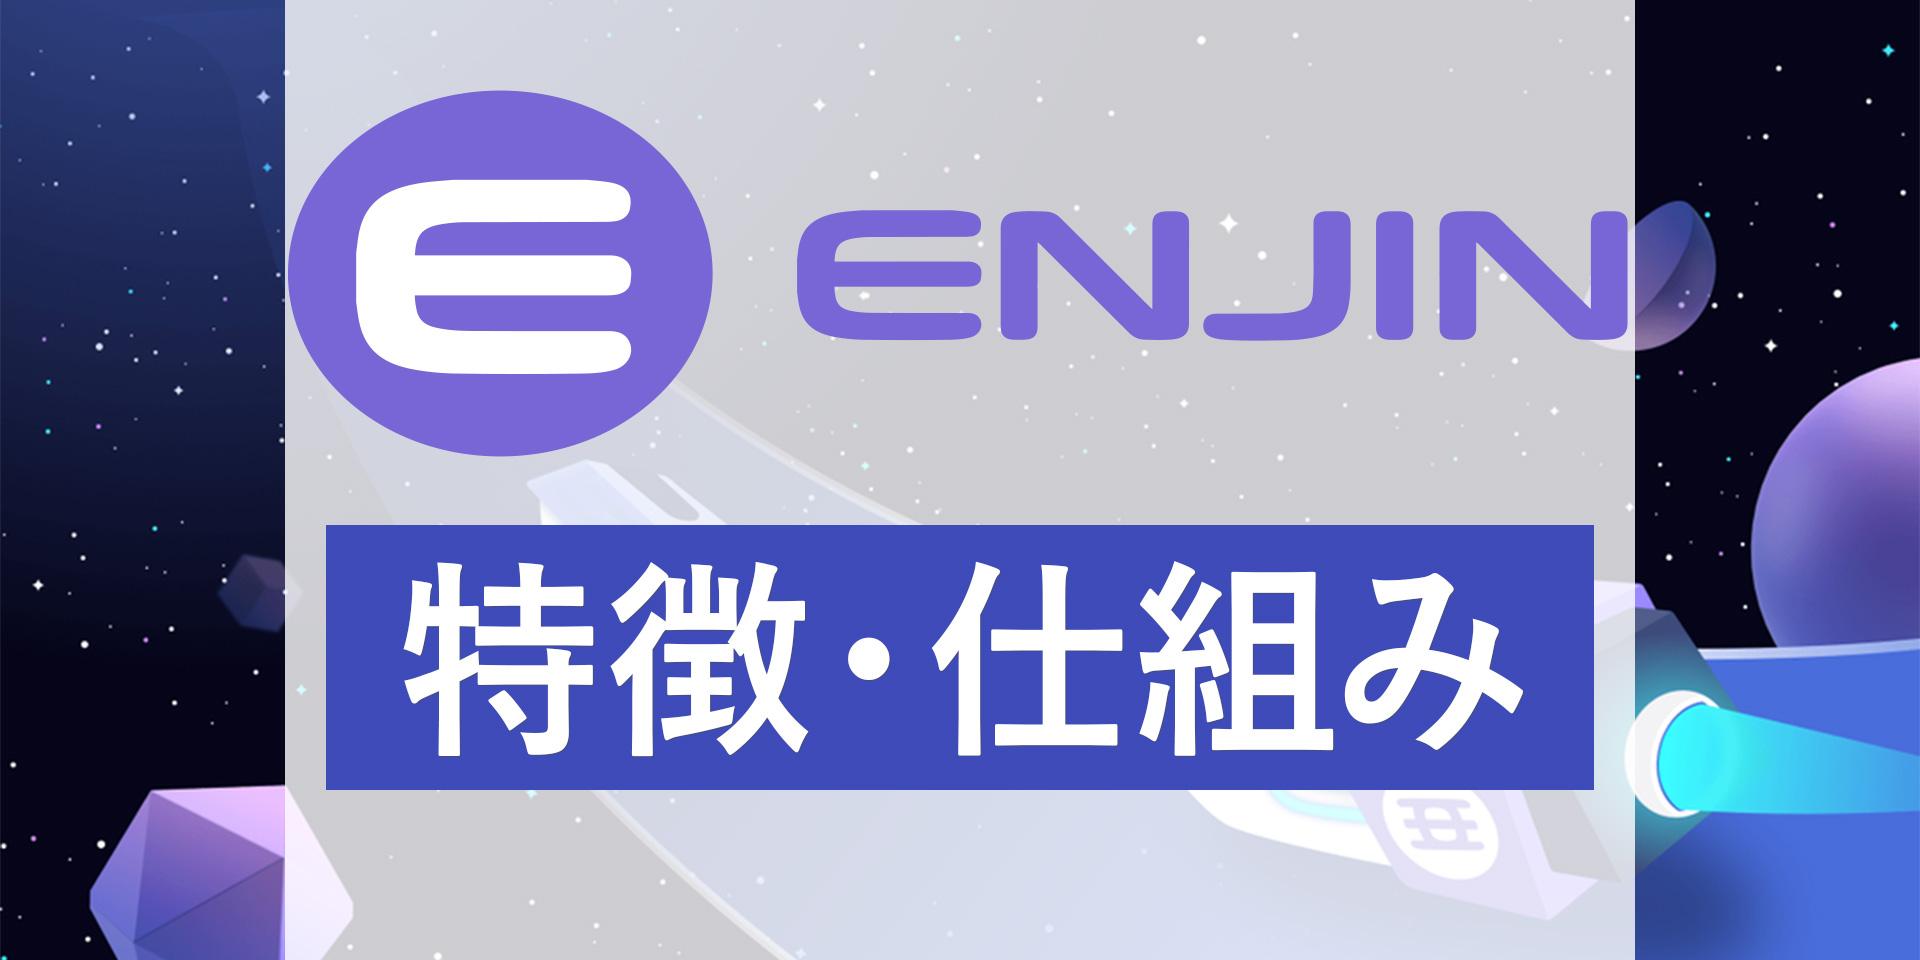 エンジンコイン(Enjin Coin)とは?エンジンプラットフォームで利用されるよう開発された仮想通貨について徹底解説!